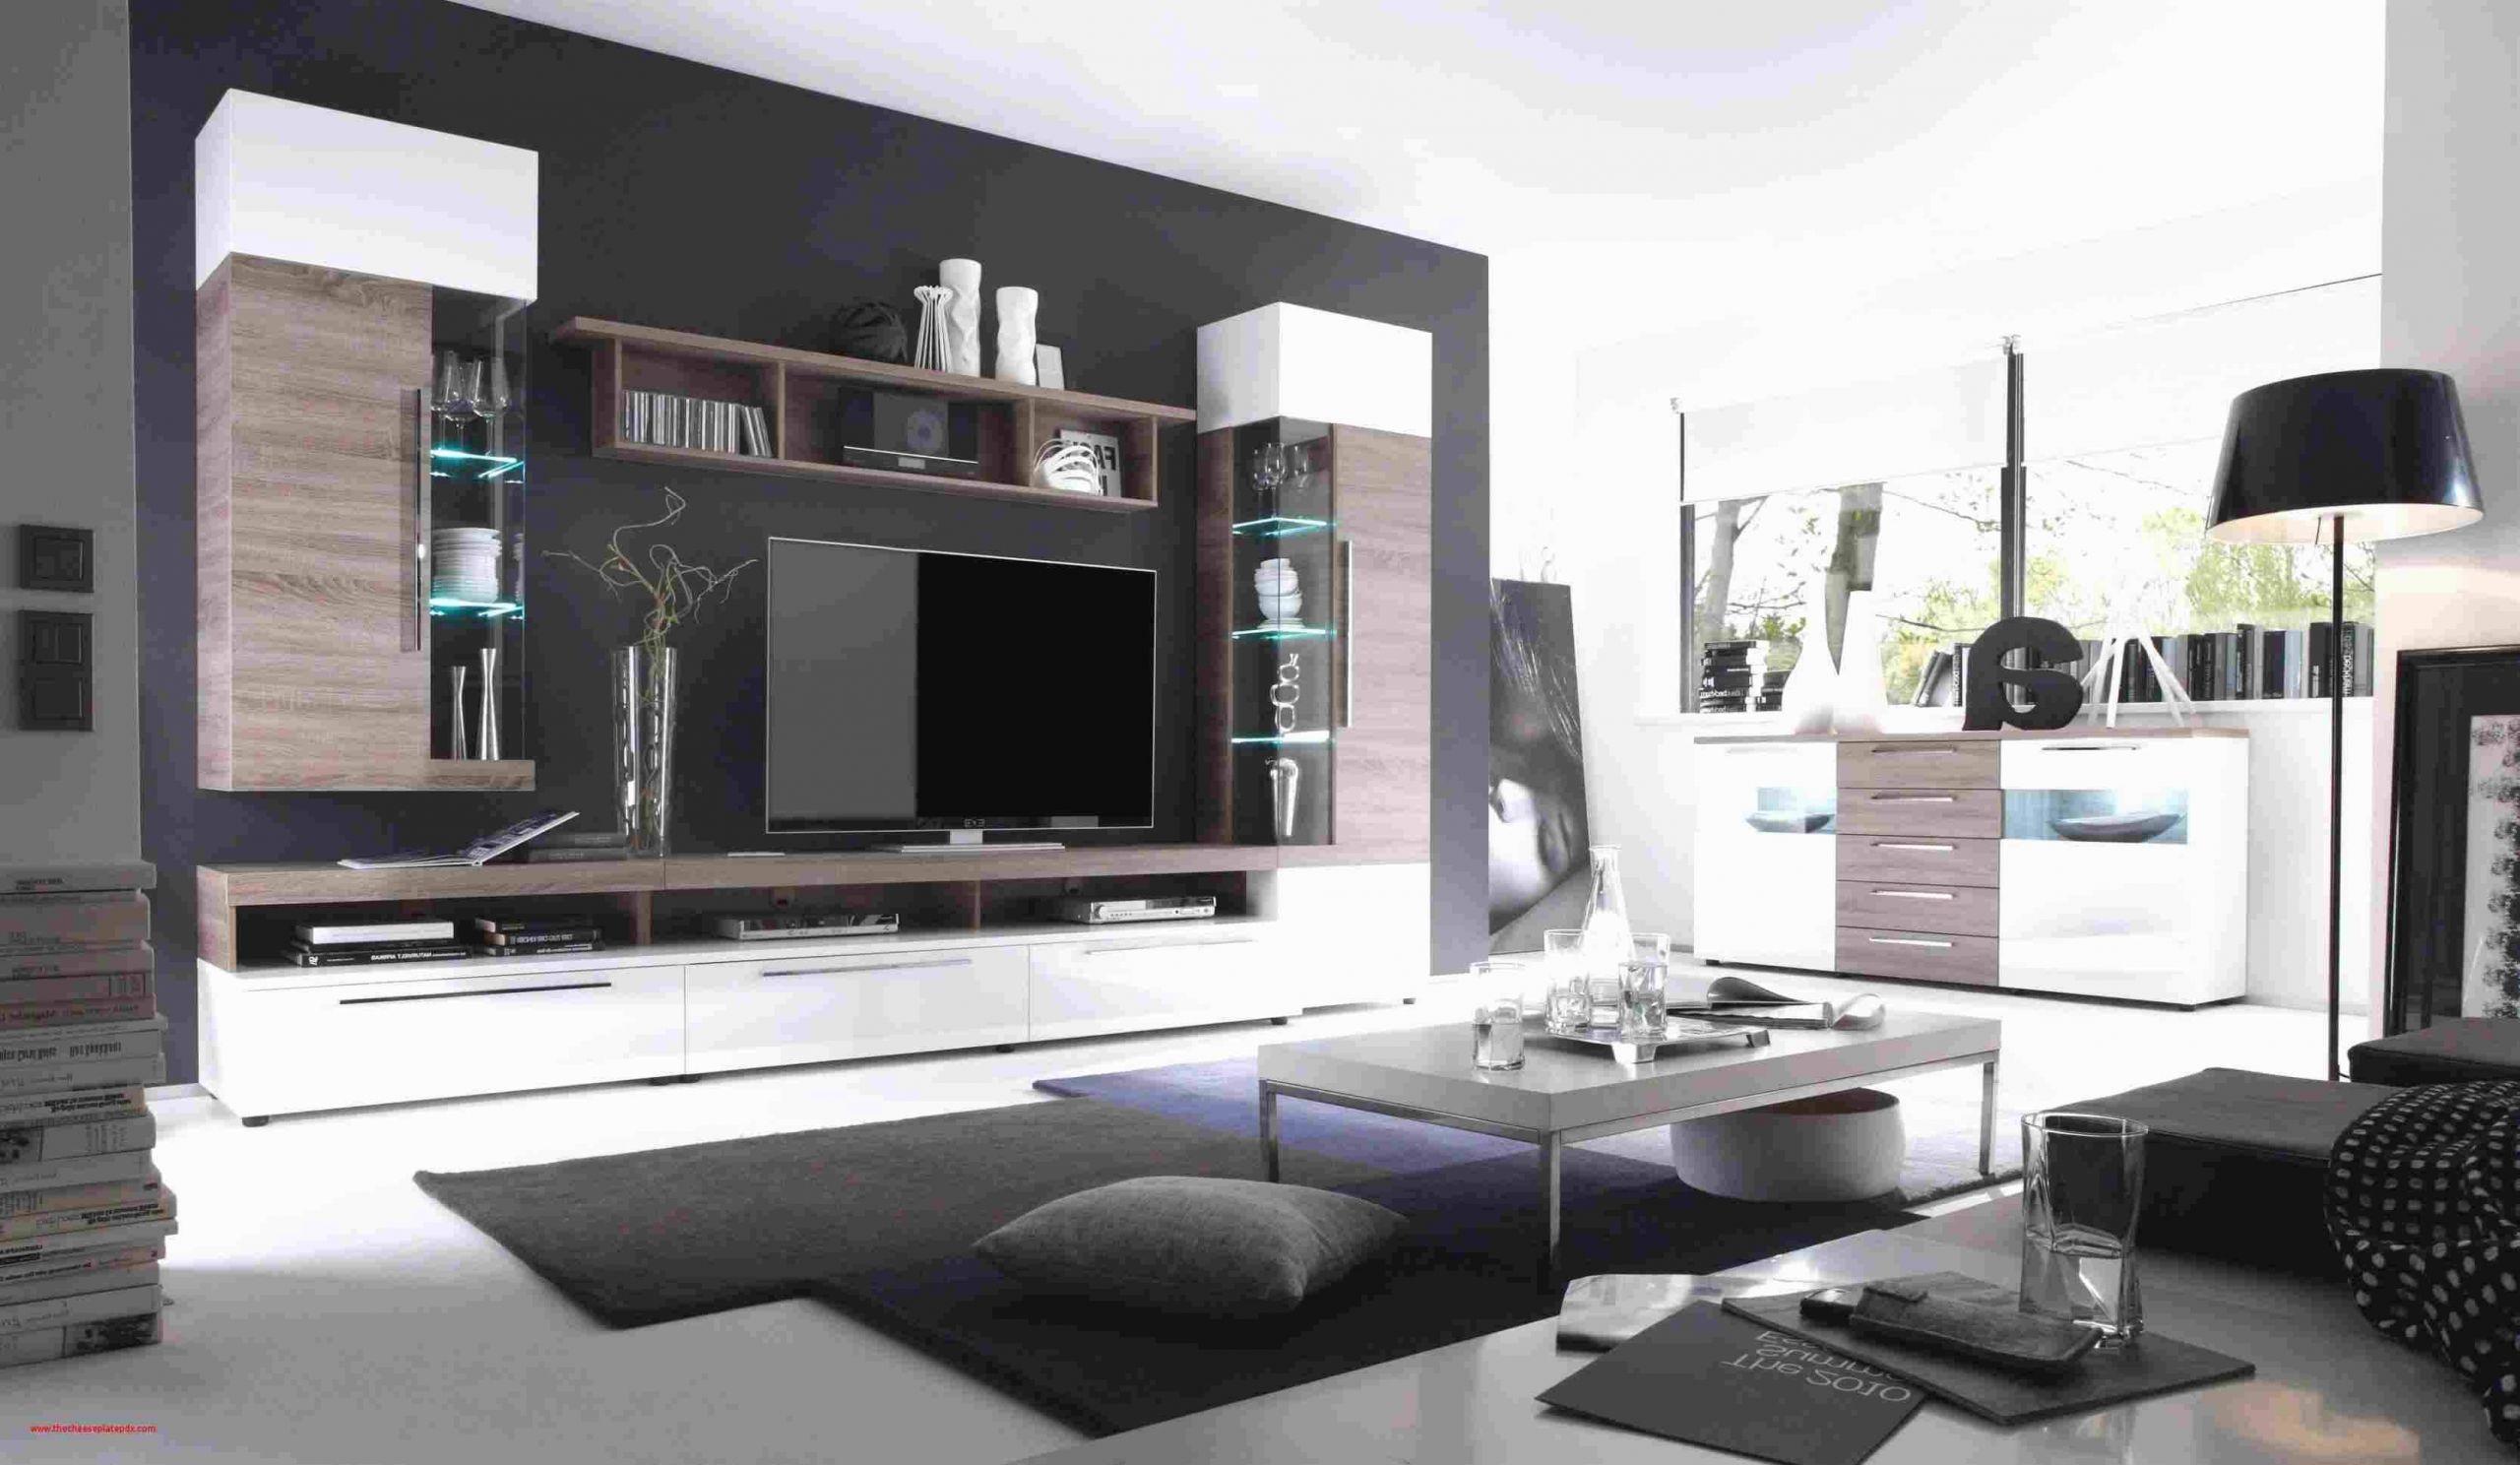 dekoideen wohnzimmer selber machen das beste von 50 einzigartig von wohnzimmer deko selber machen meinung of dekoideen wohnzimmer selber machen